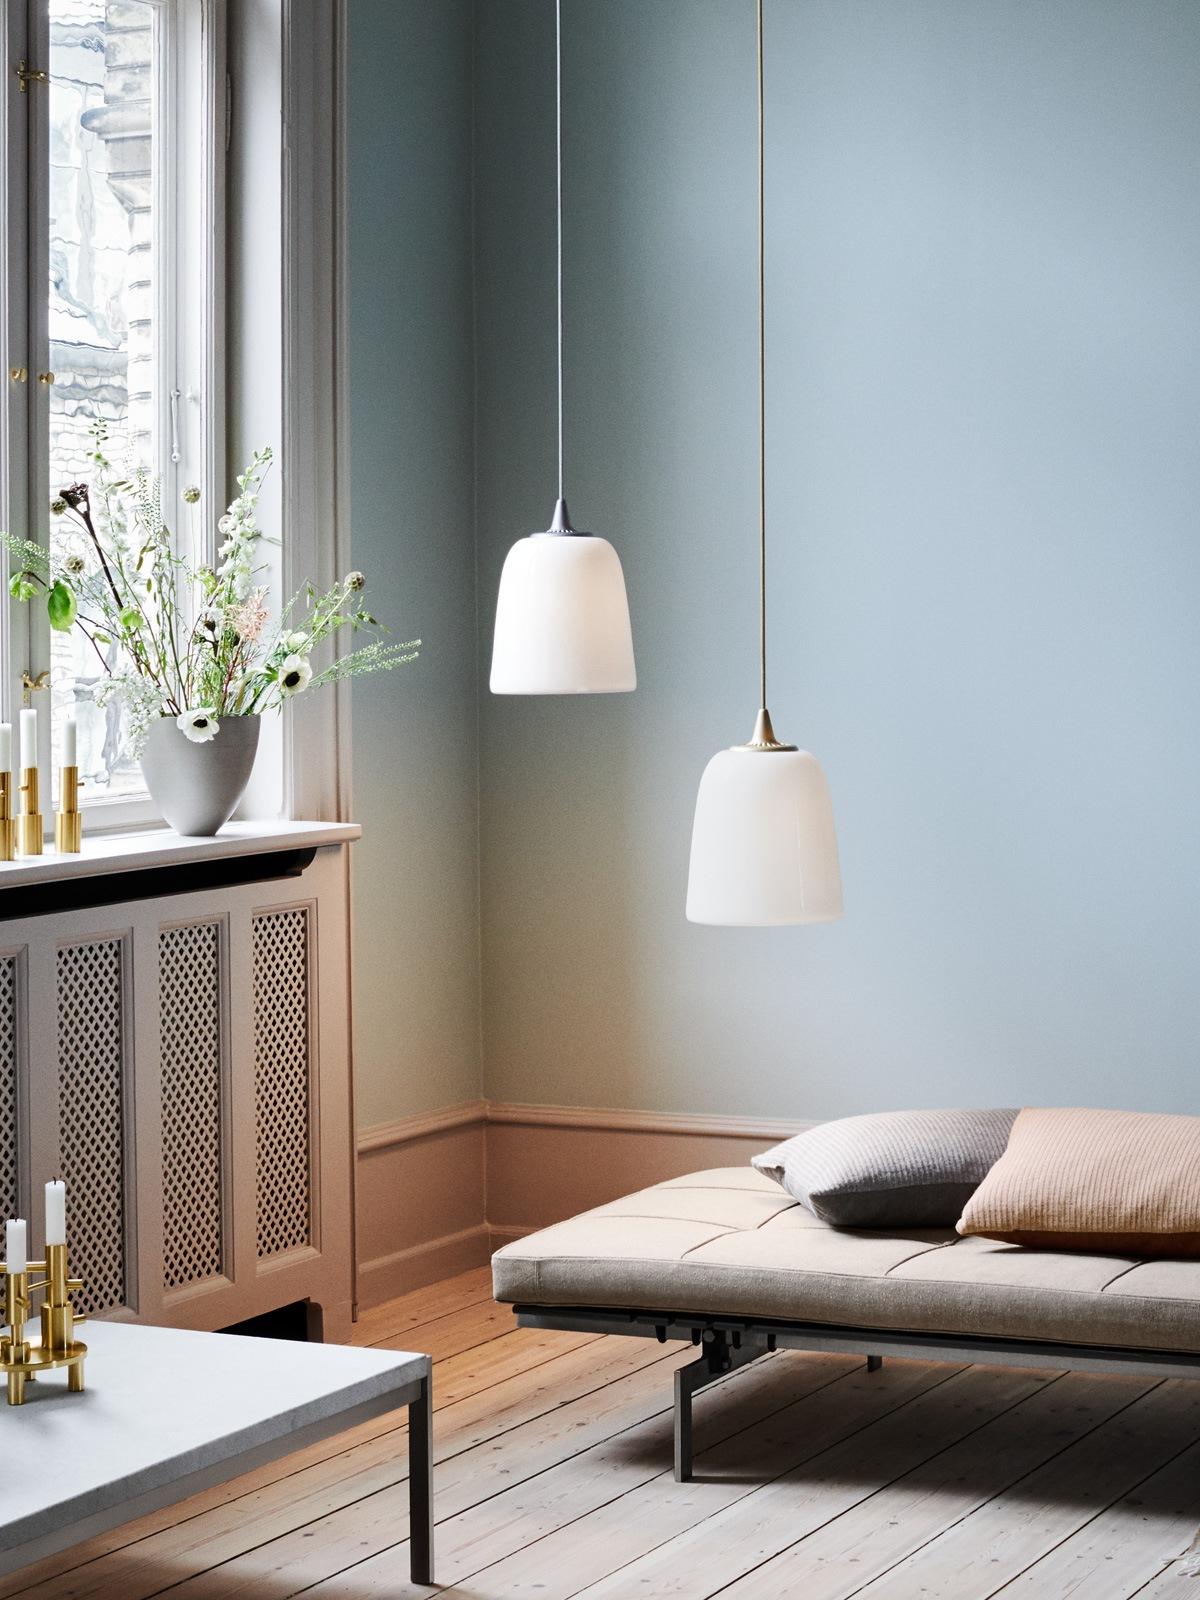 Republic of Fritz Hansen Dogu Designerleuchte Porzellan DesignOrt Onlineshop Lampen